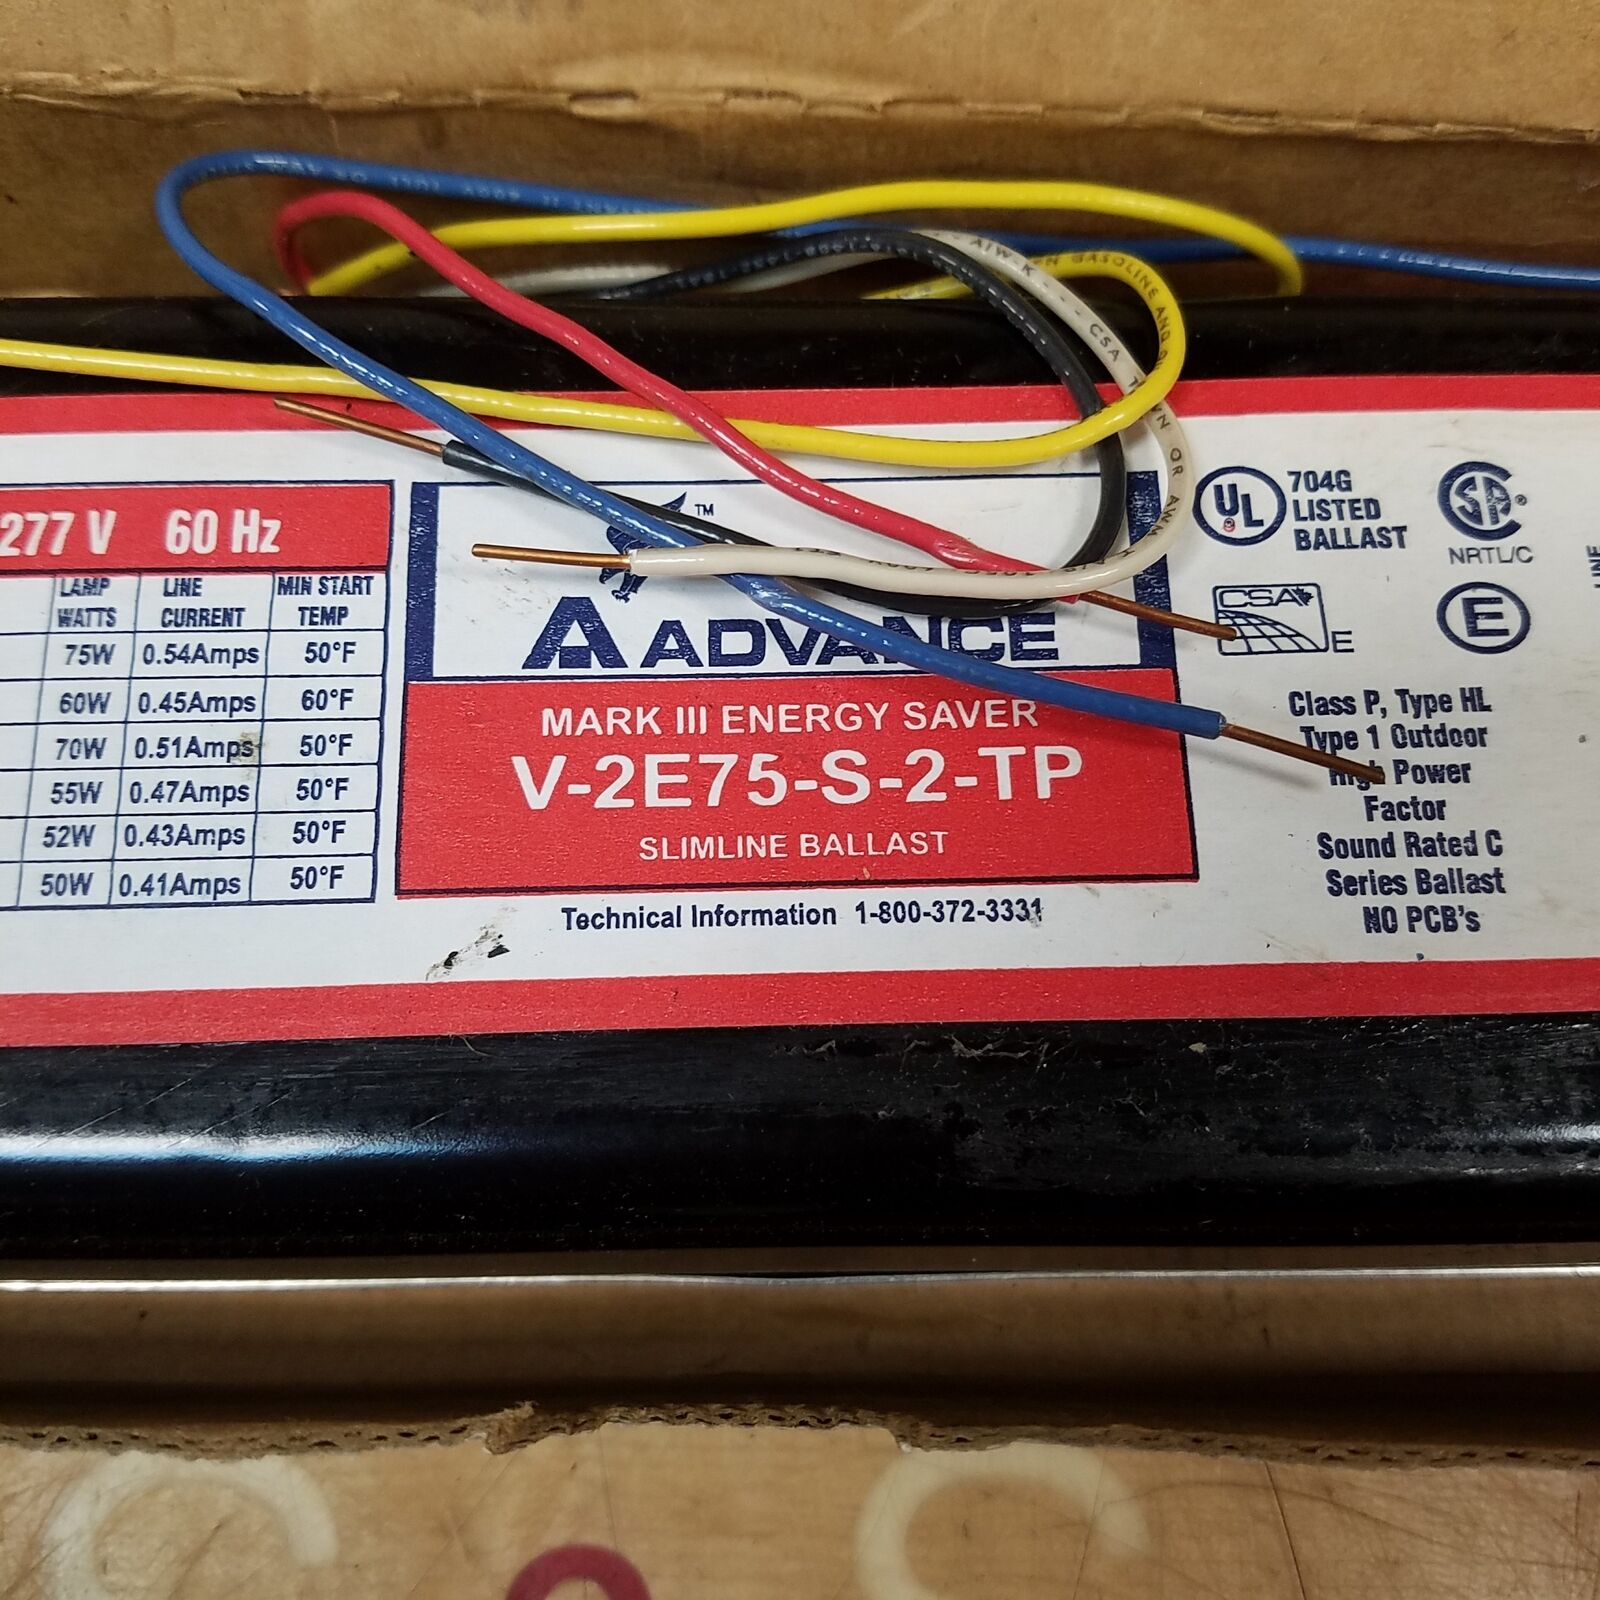 6 New In Box Advance V2E75-S-TP Mark III Energy Saver Slimline Ballast 277V